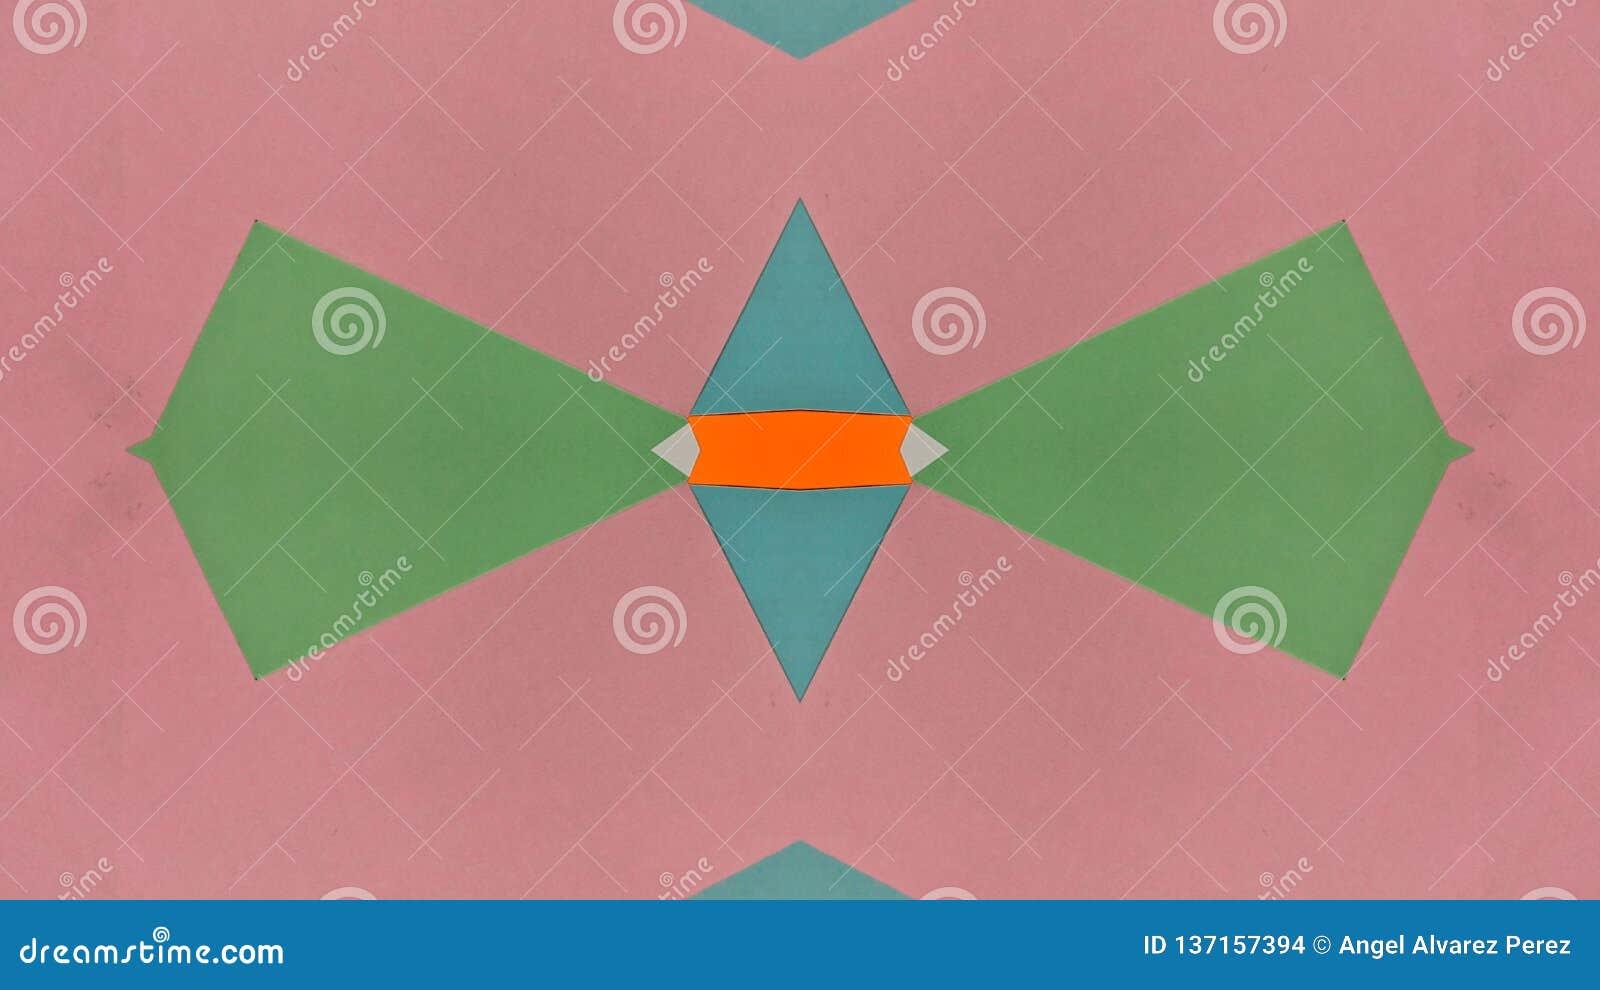 Kaleidoskopische Illustration von farbigen Papieren